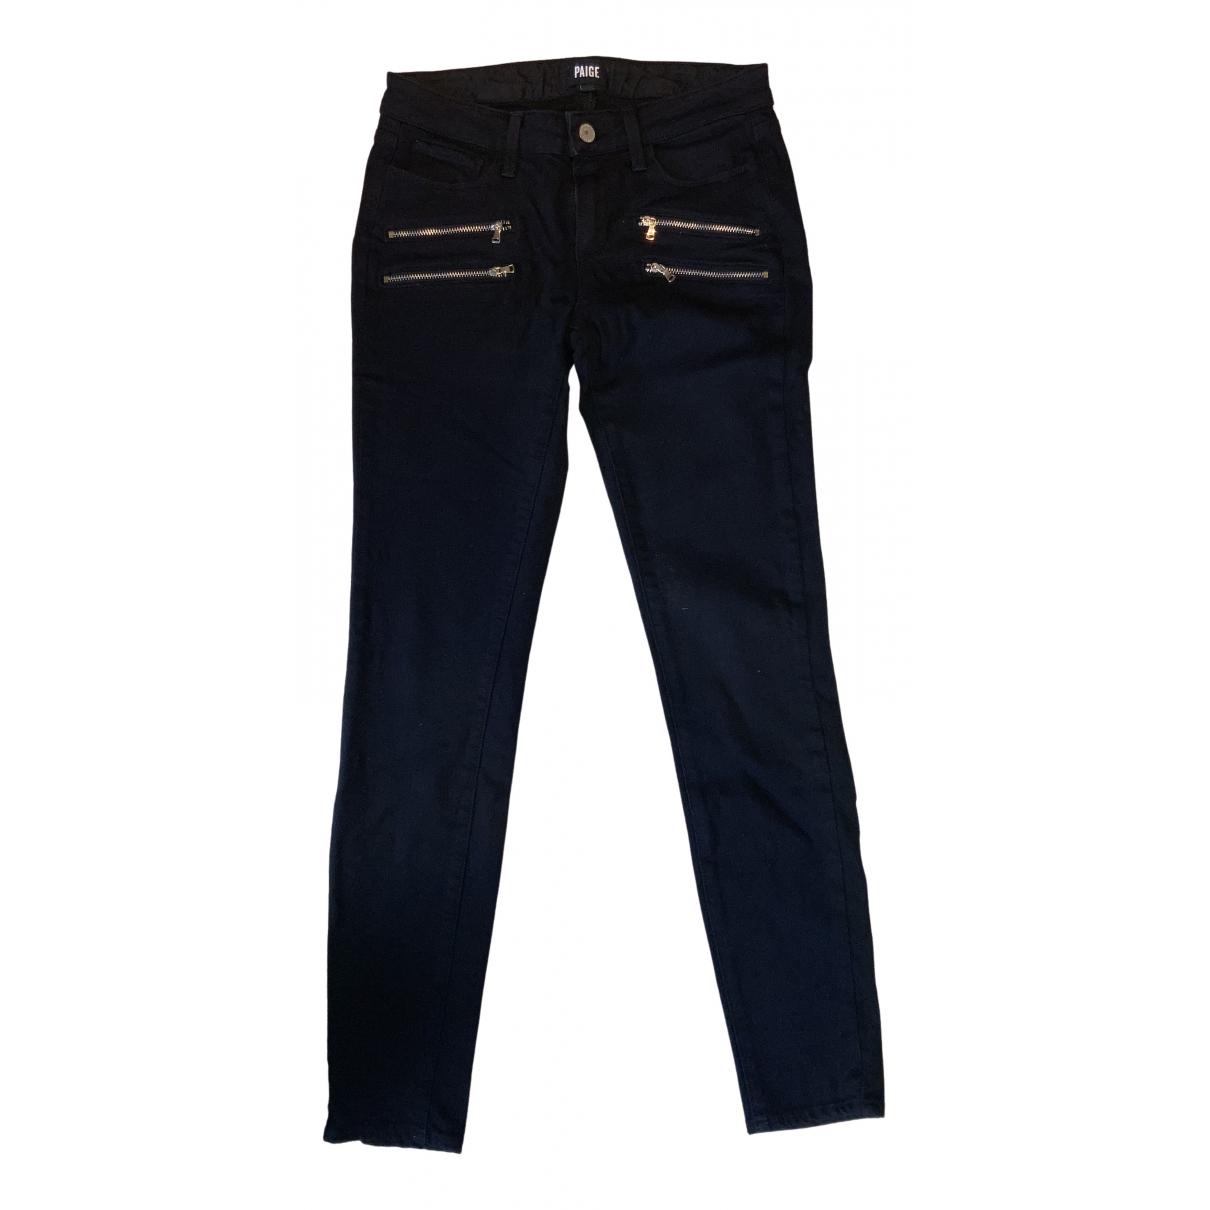 Paige Jeans N Black Cotton Jeans for Women 27 US